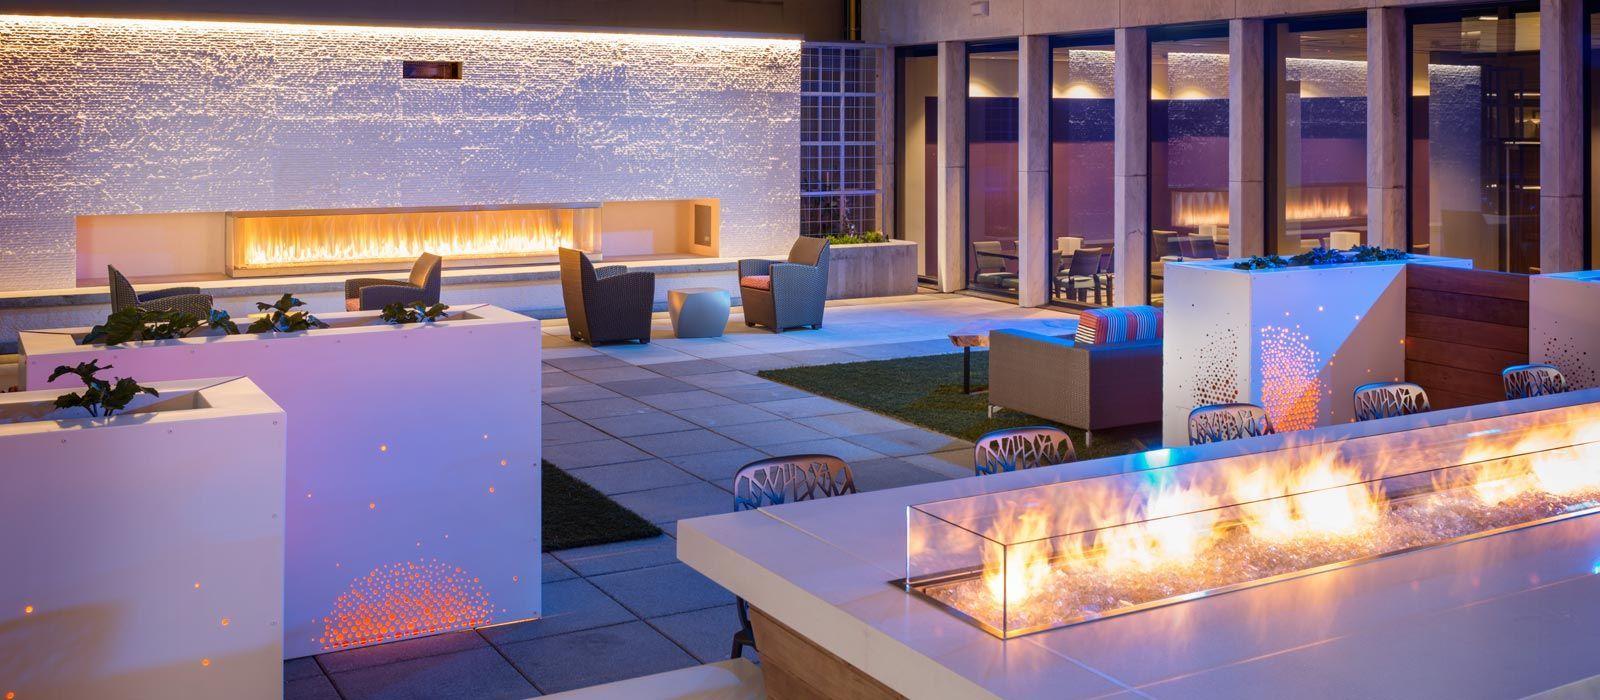 Frolik Hotel Motif Seattle The urban landscape of